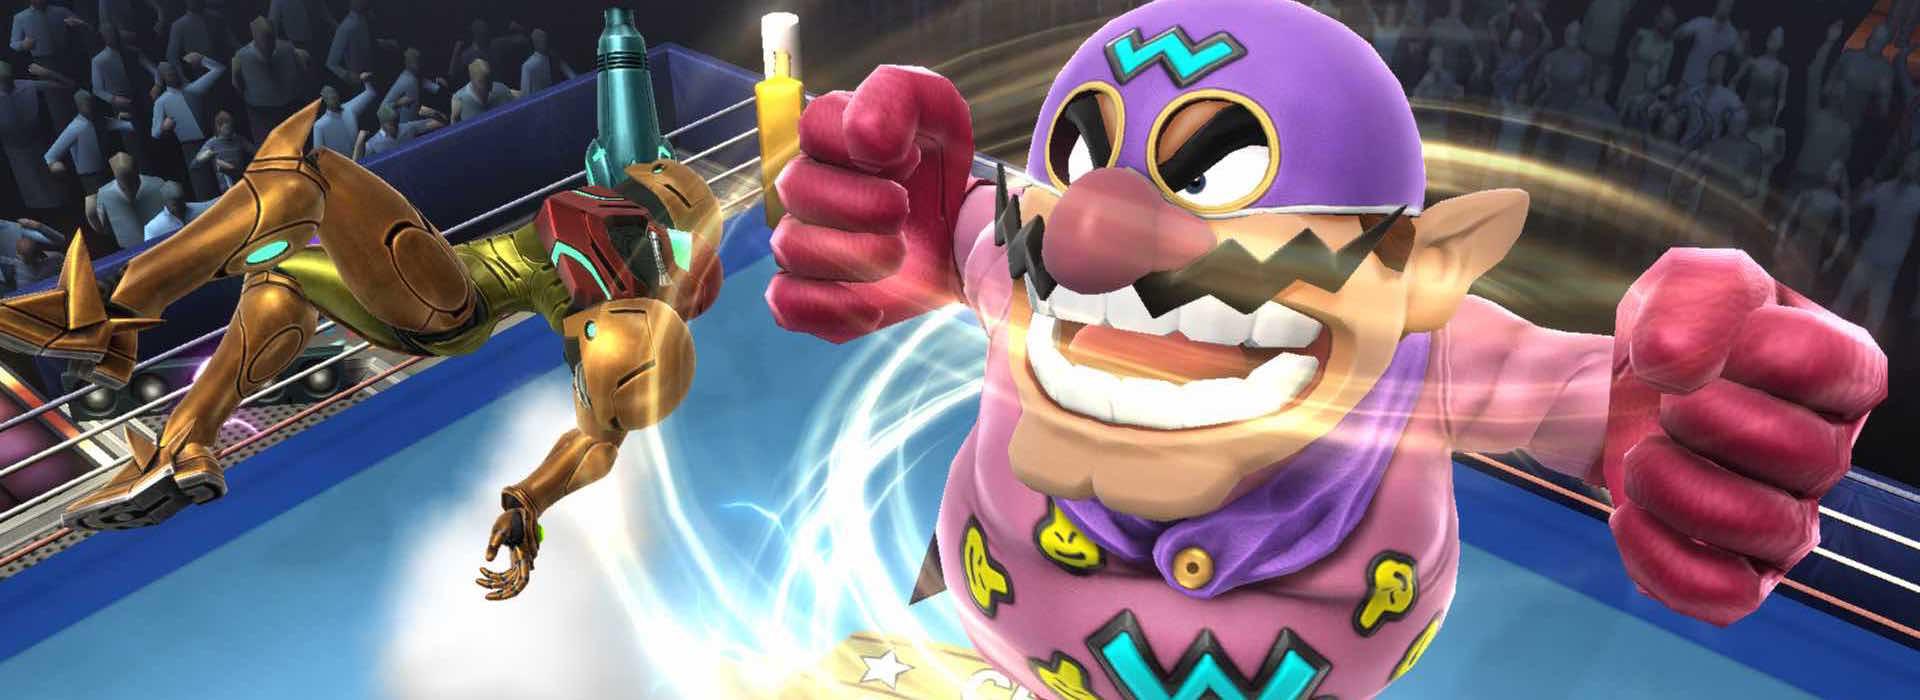 Imagen de El blog oficial de Super Smash Bros. muestra a Wario en acción